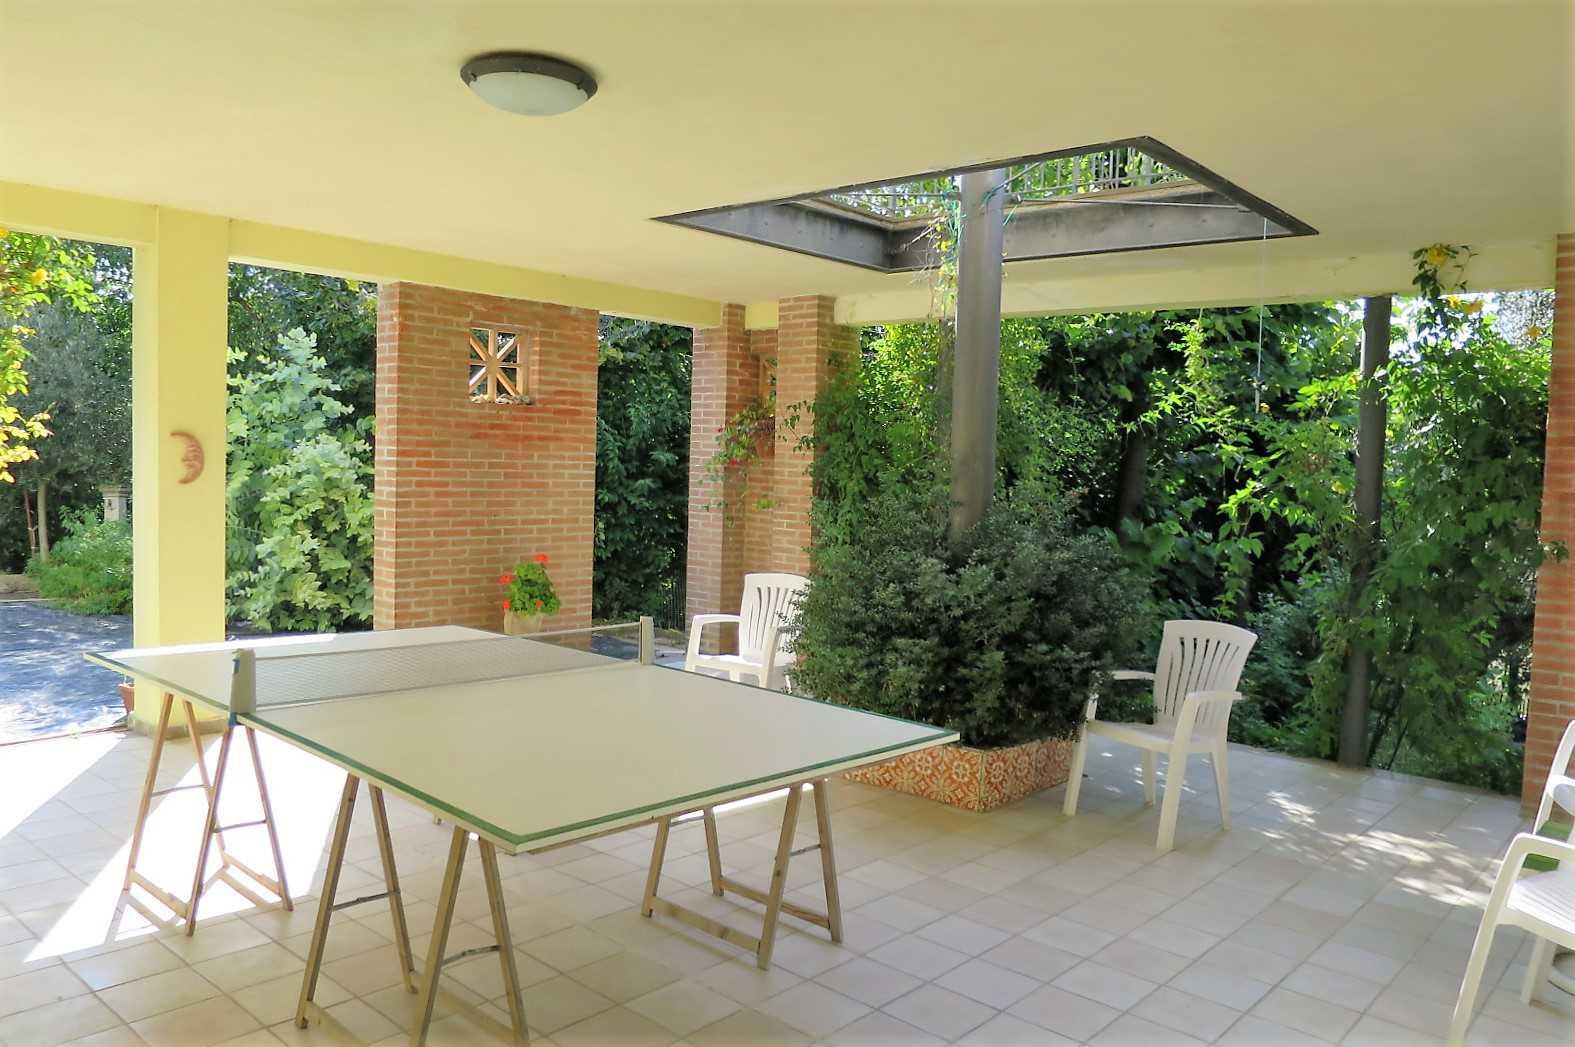 Villa Villa for sale Atri (TE), Villa Paola - Atri - EUR 462.107 140